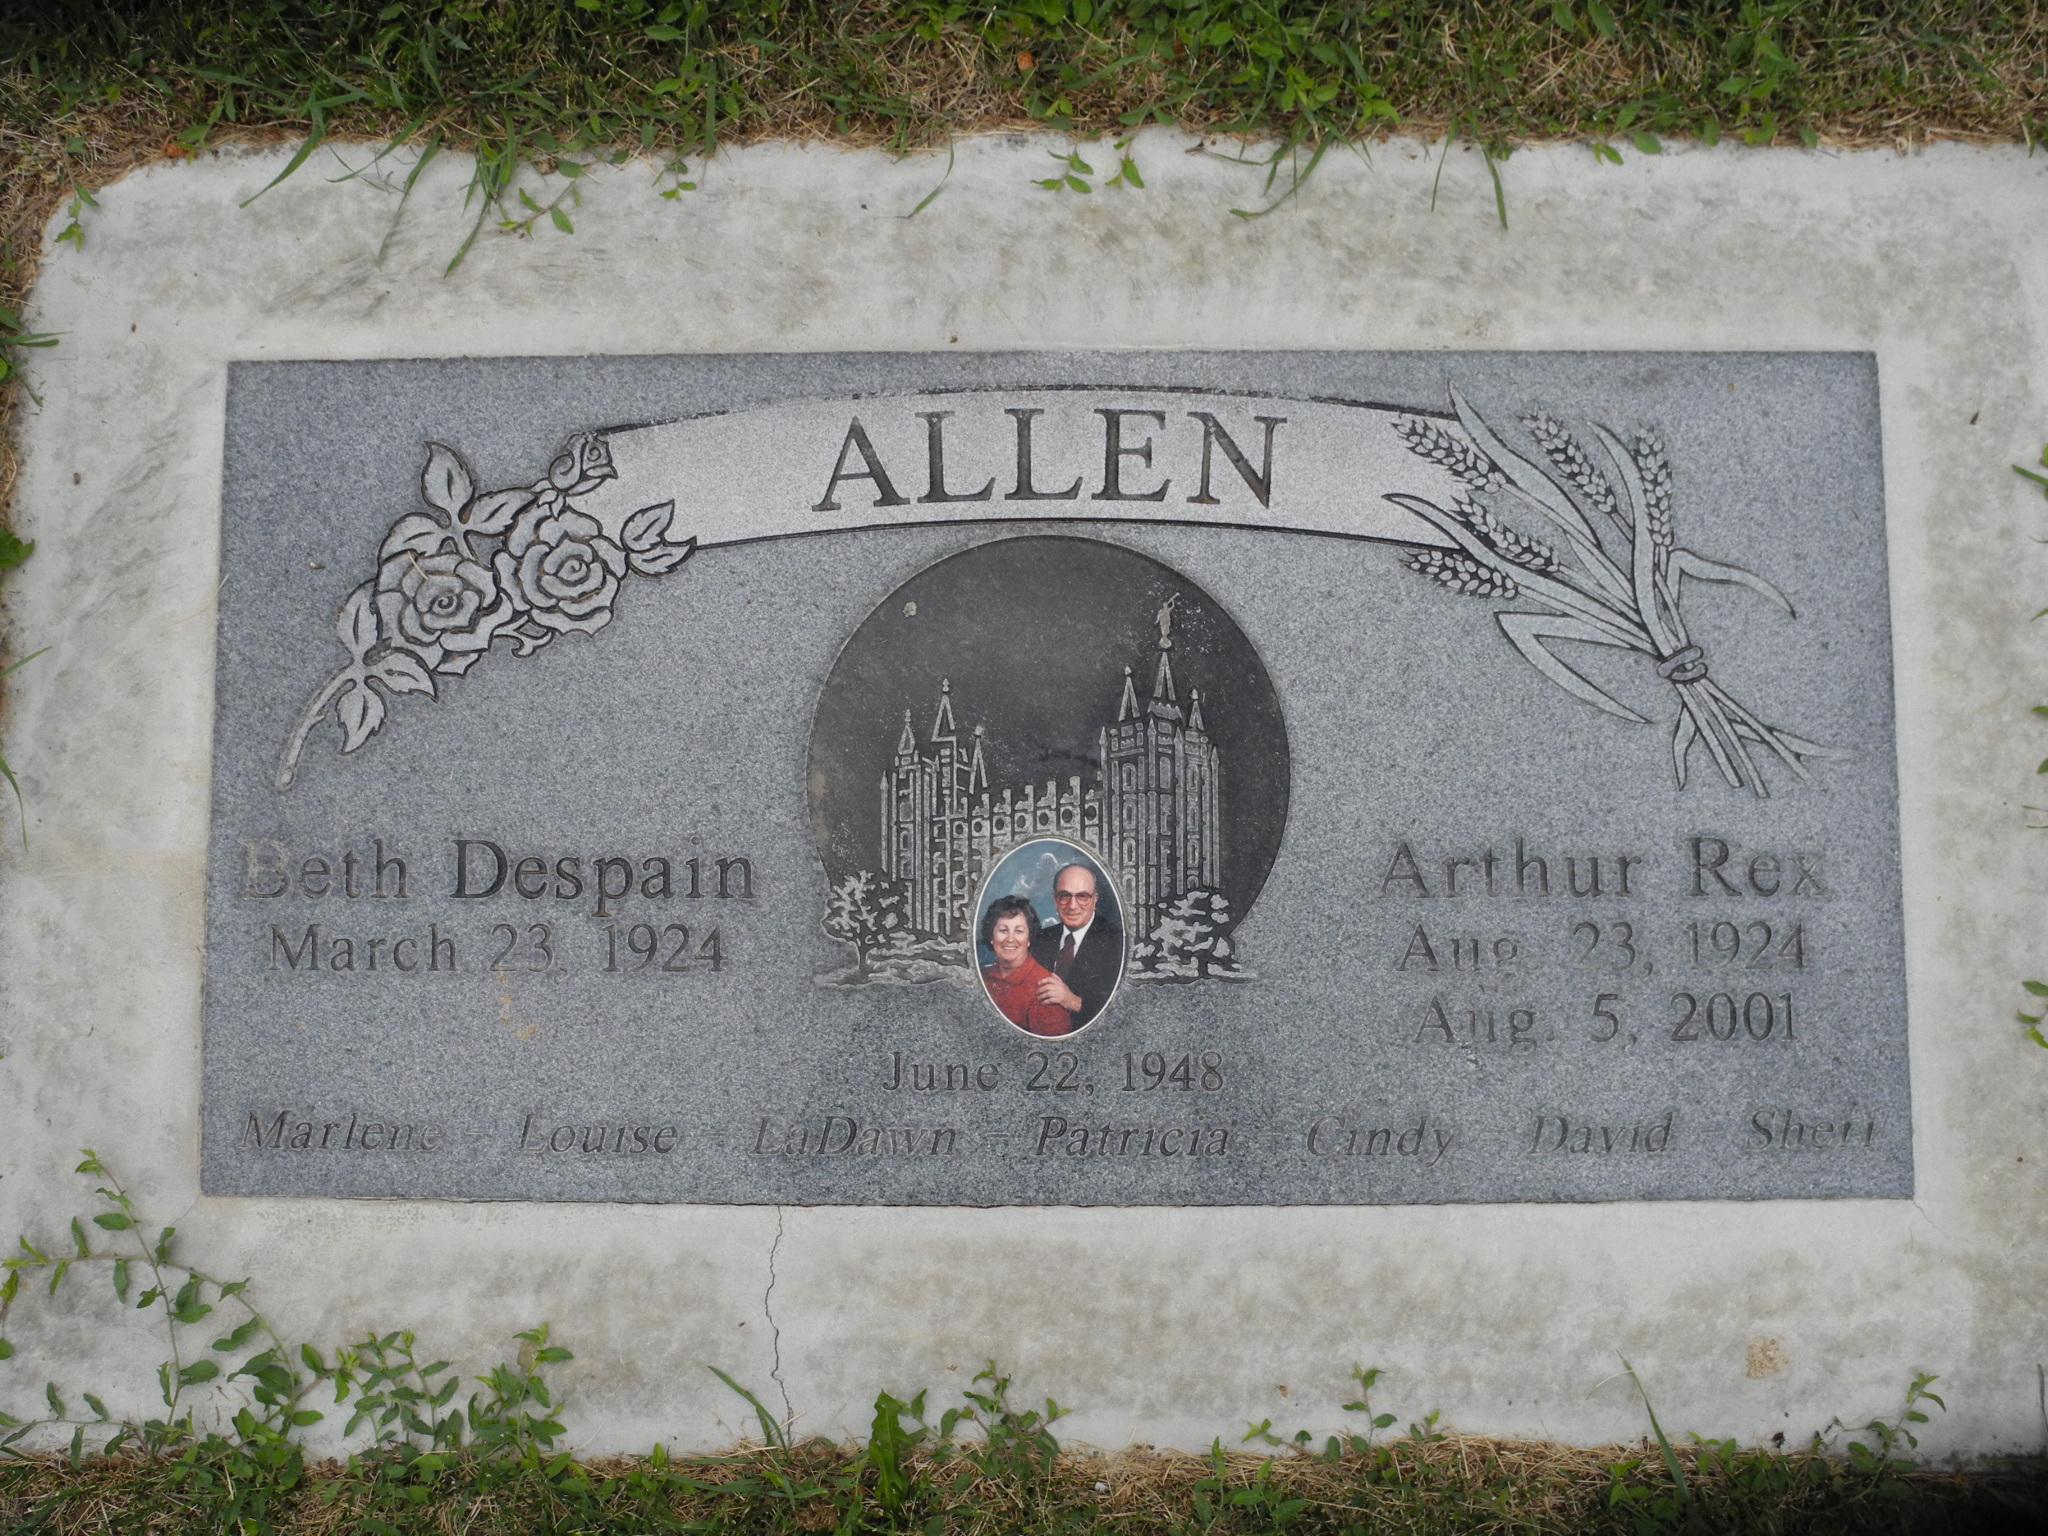 Arthur Rex Allen